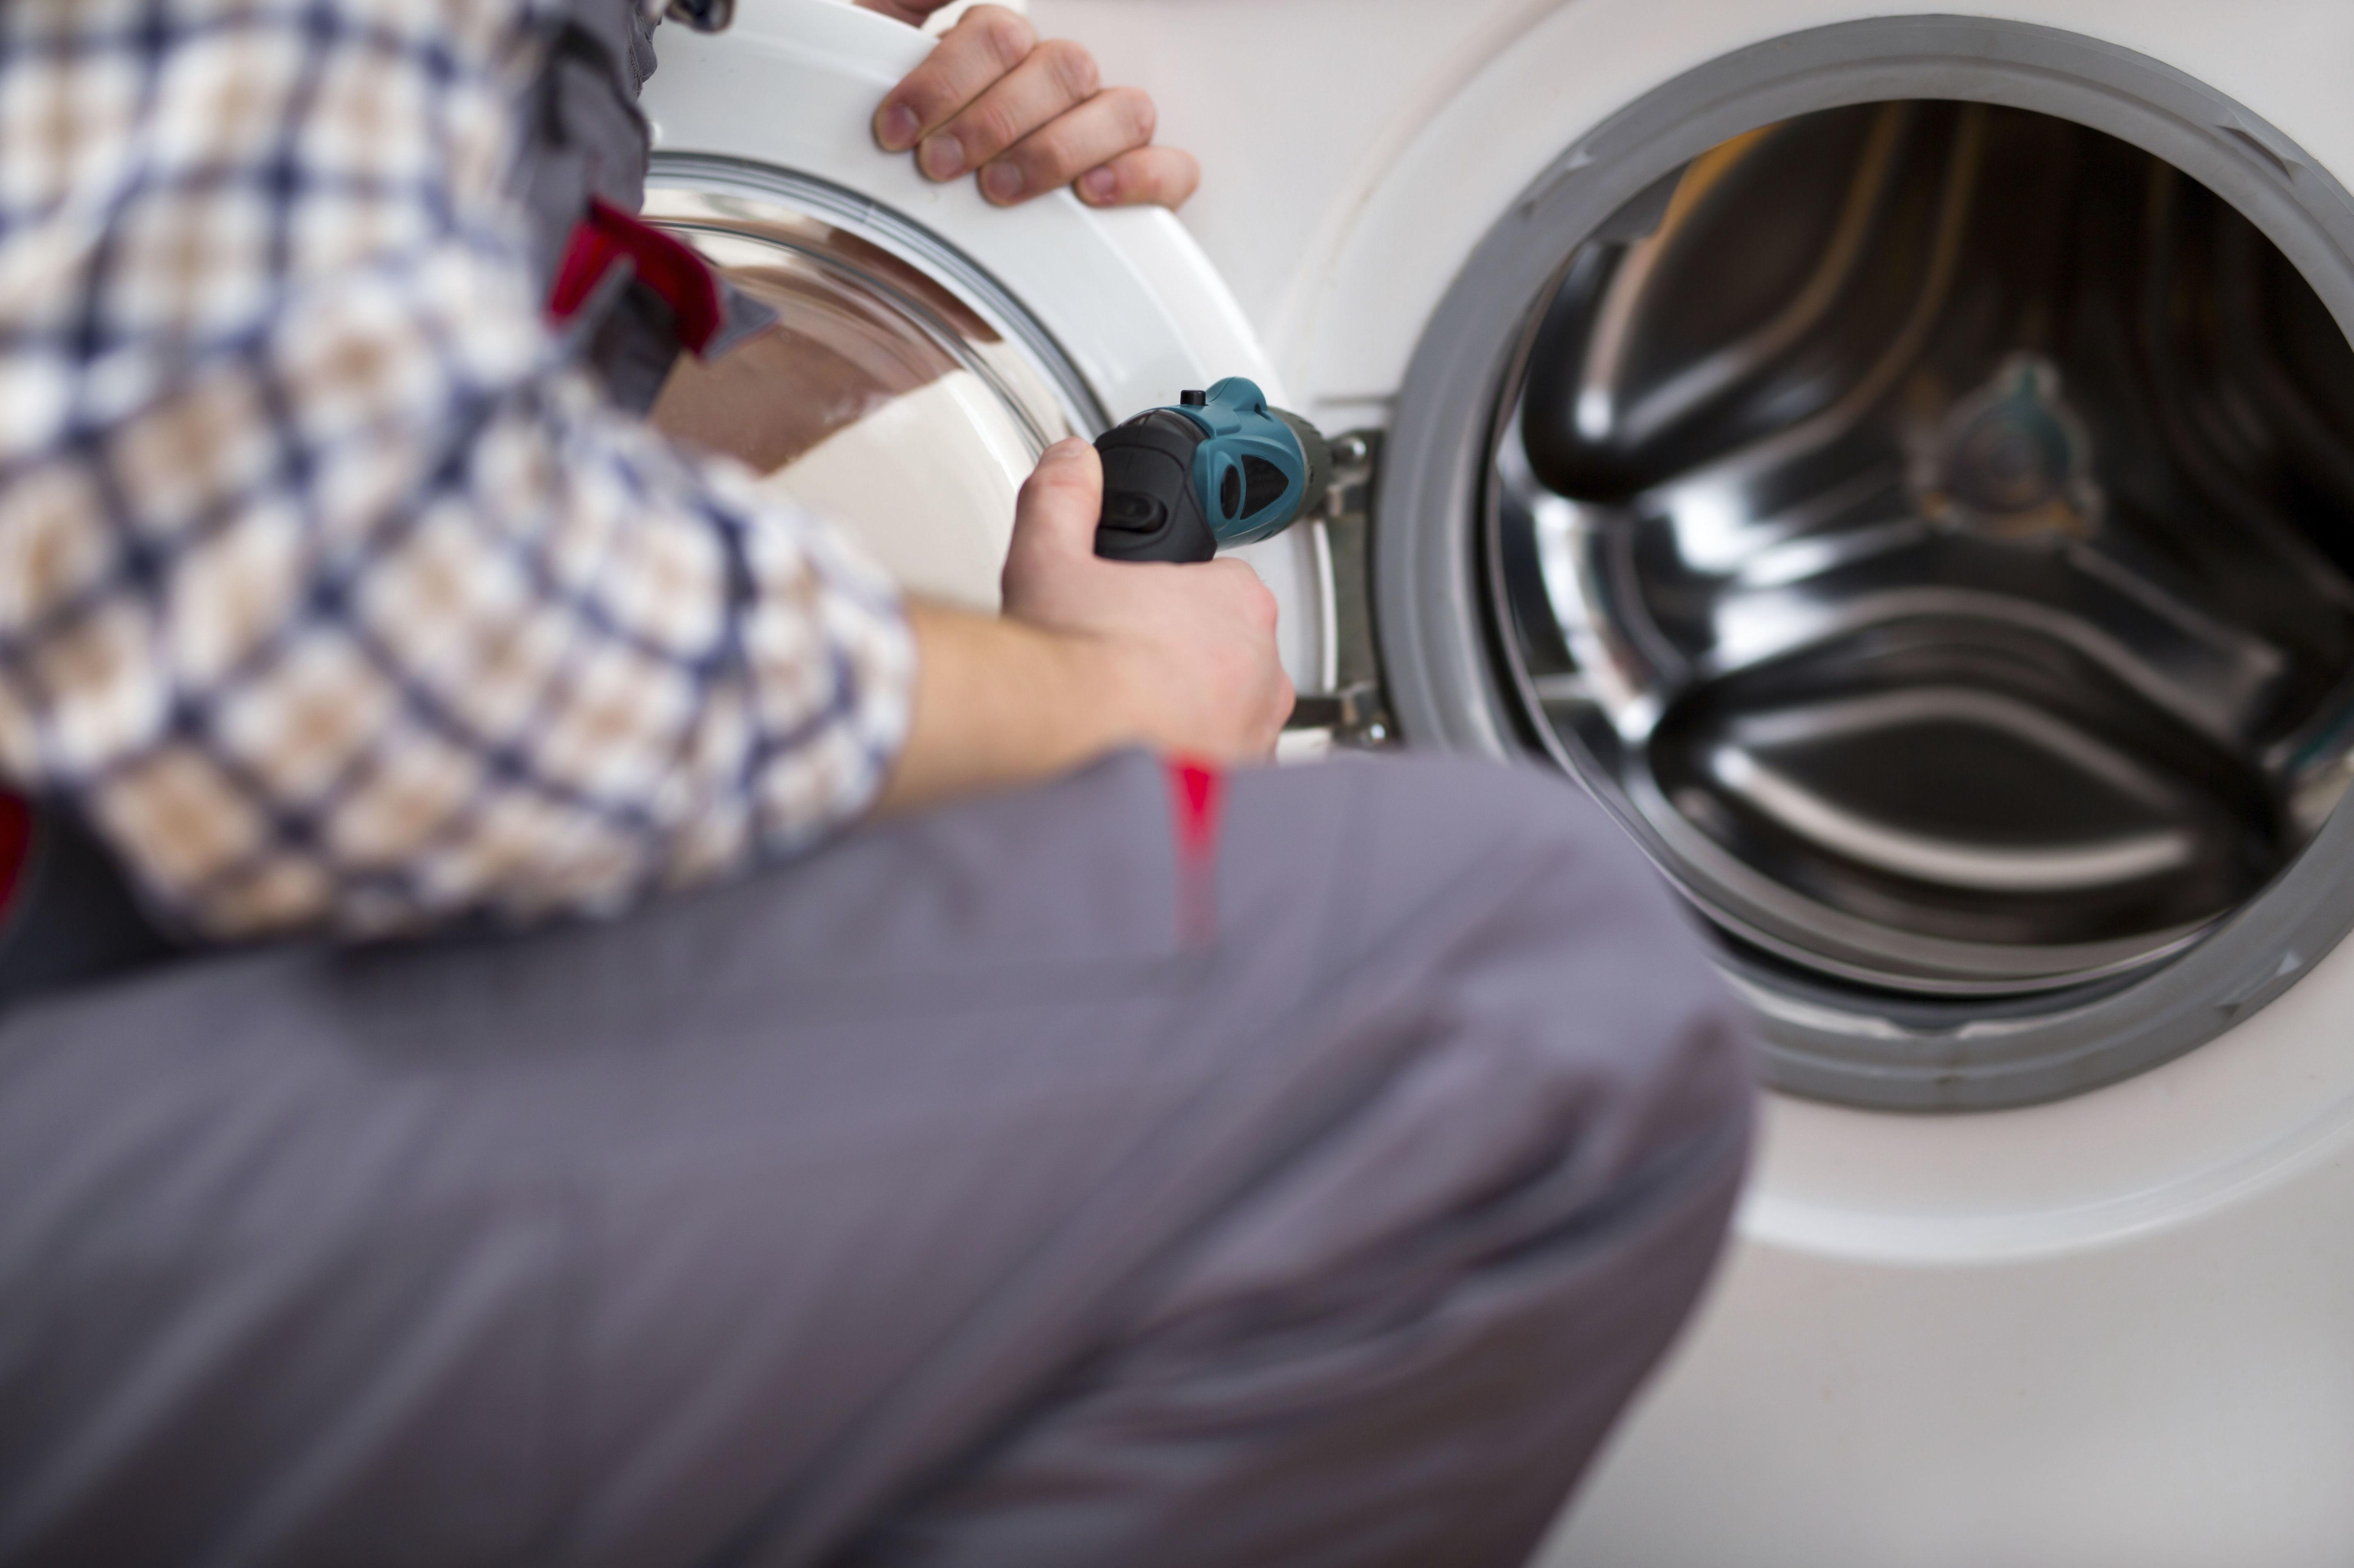 Reparacion de lavadoras, neveras y otros electrodomesticos multimarca en Granollers rapido y economico empresa familiar